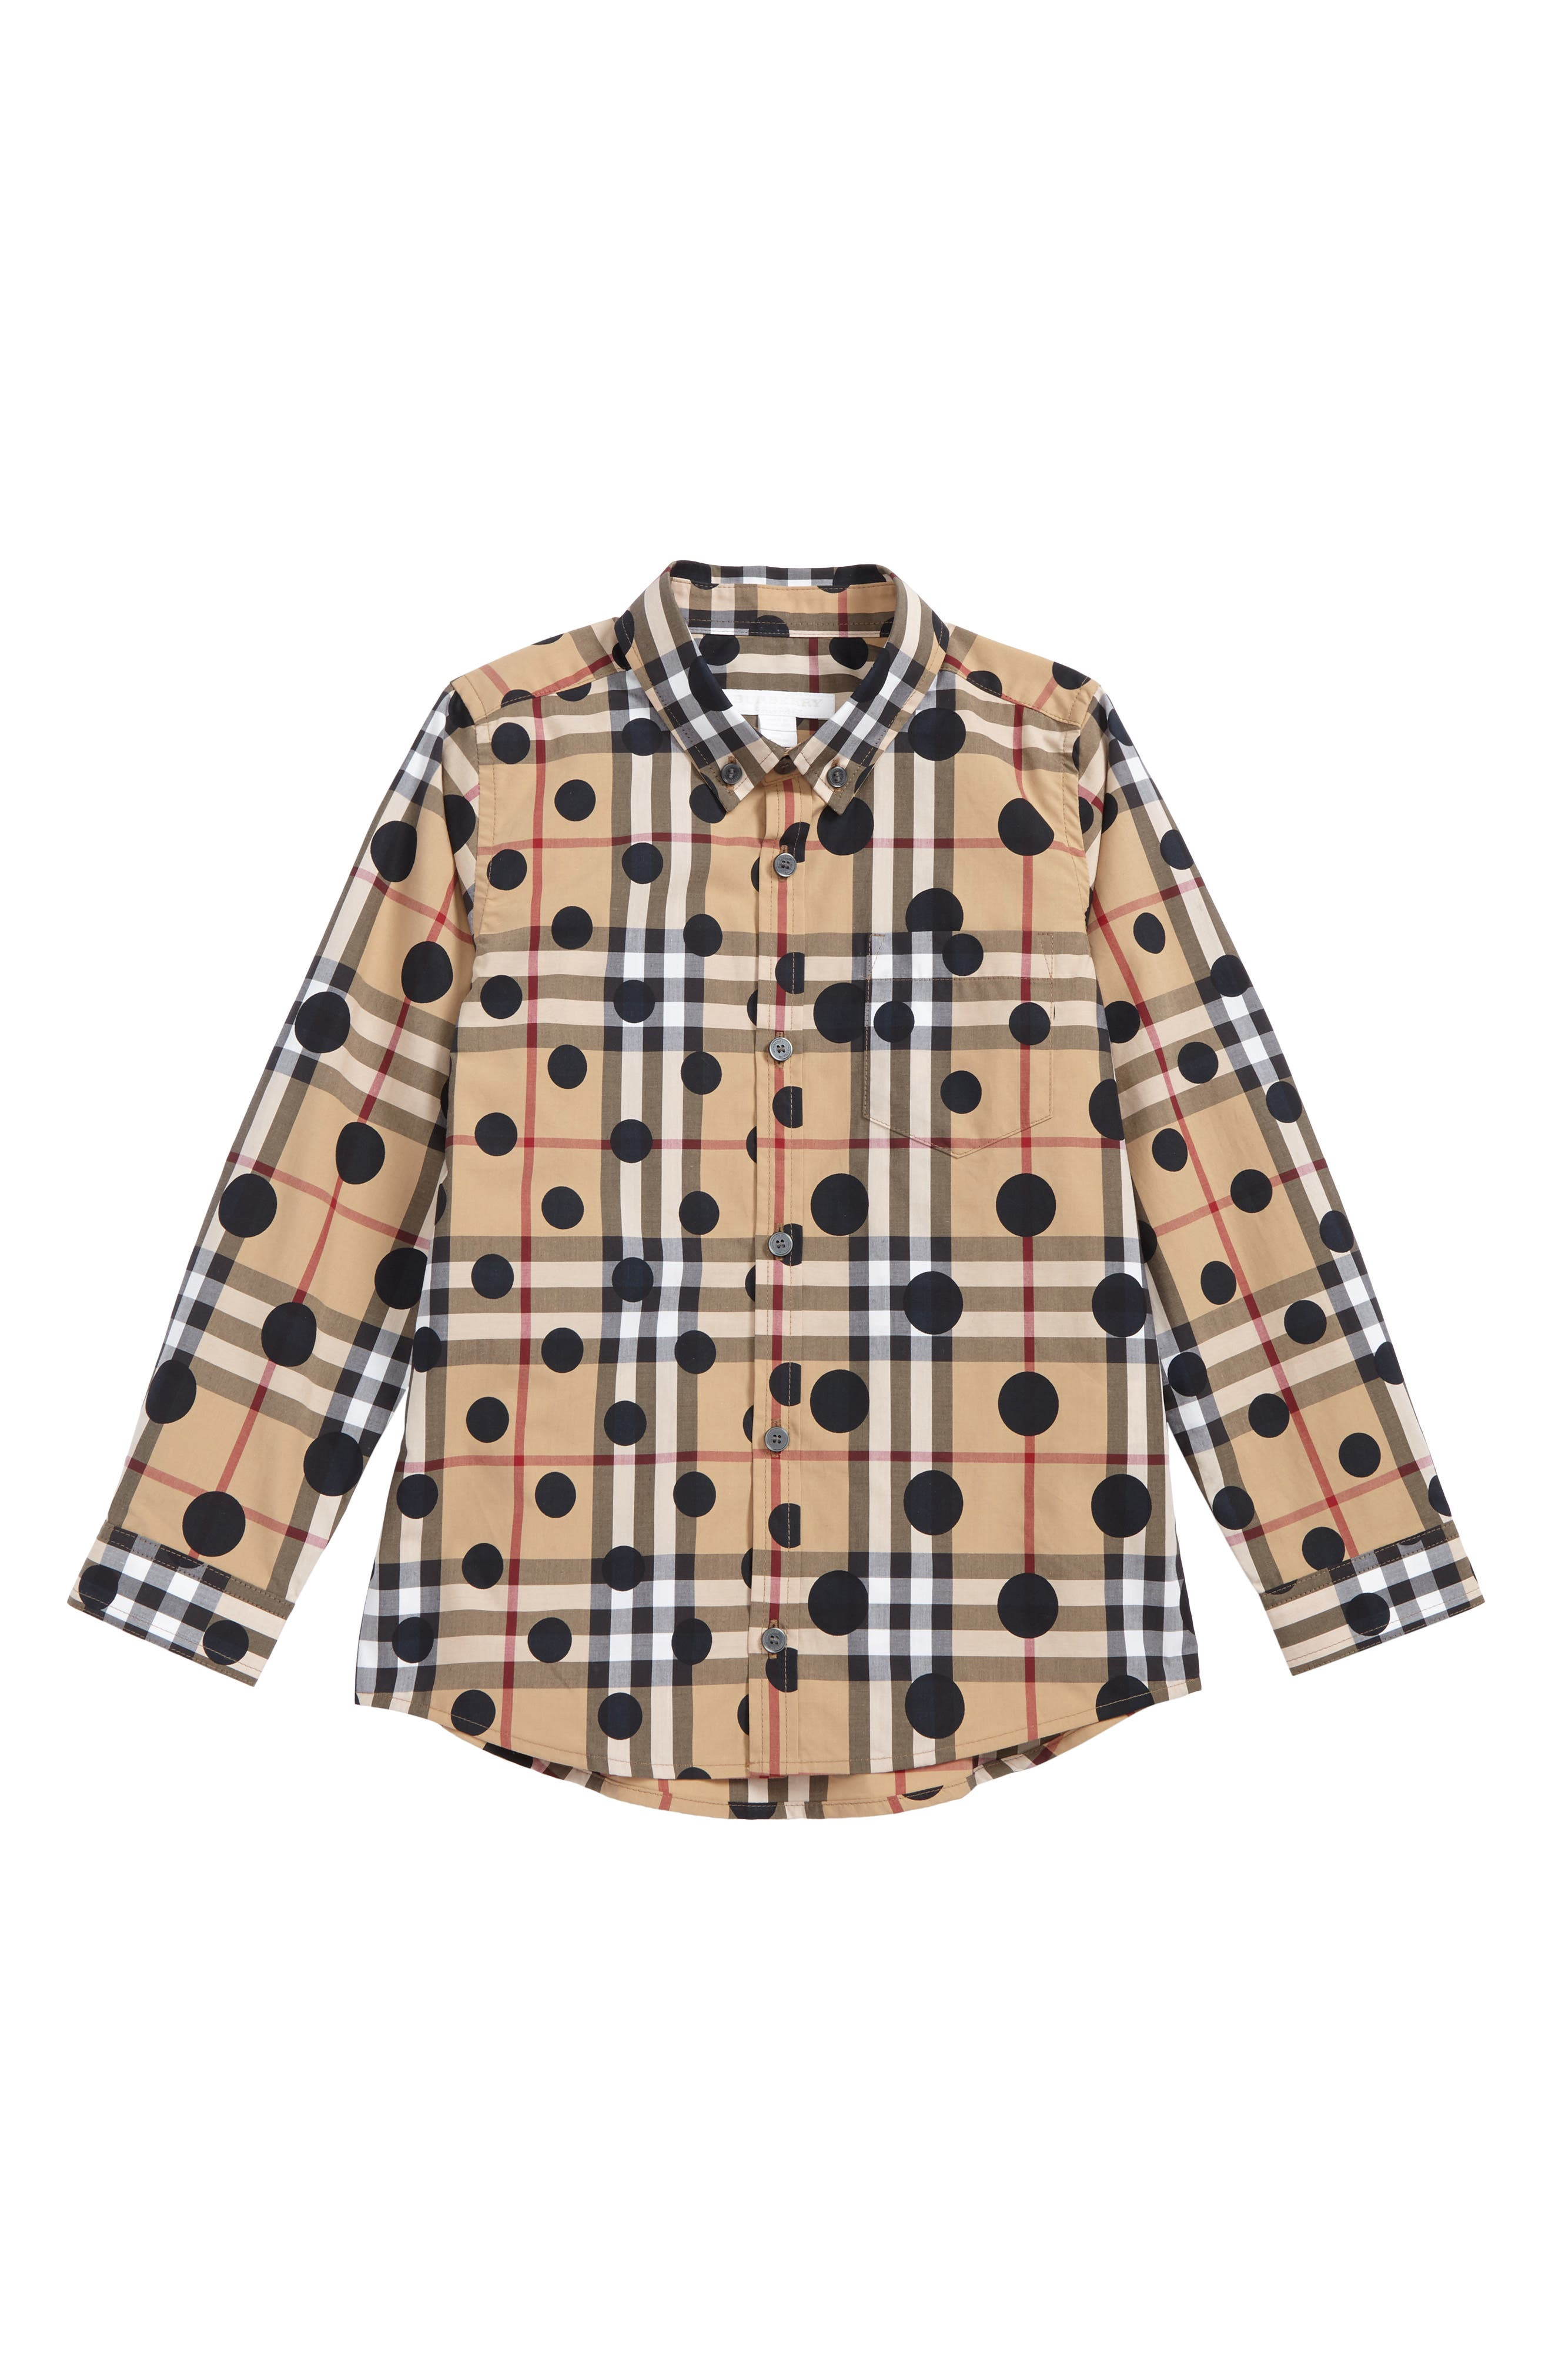 Mini Fred Polka Dot & Check Print Shirt,                             Main thumbnail 1, color,                             272